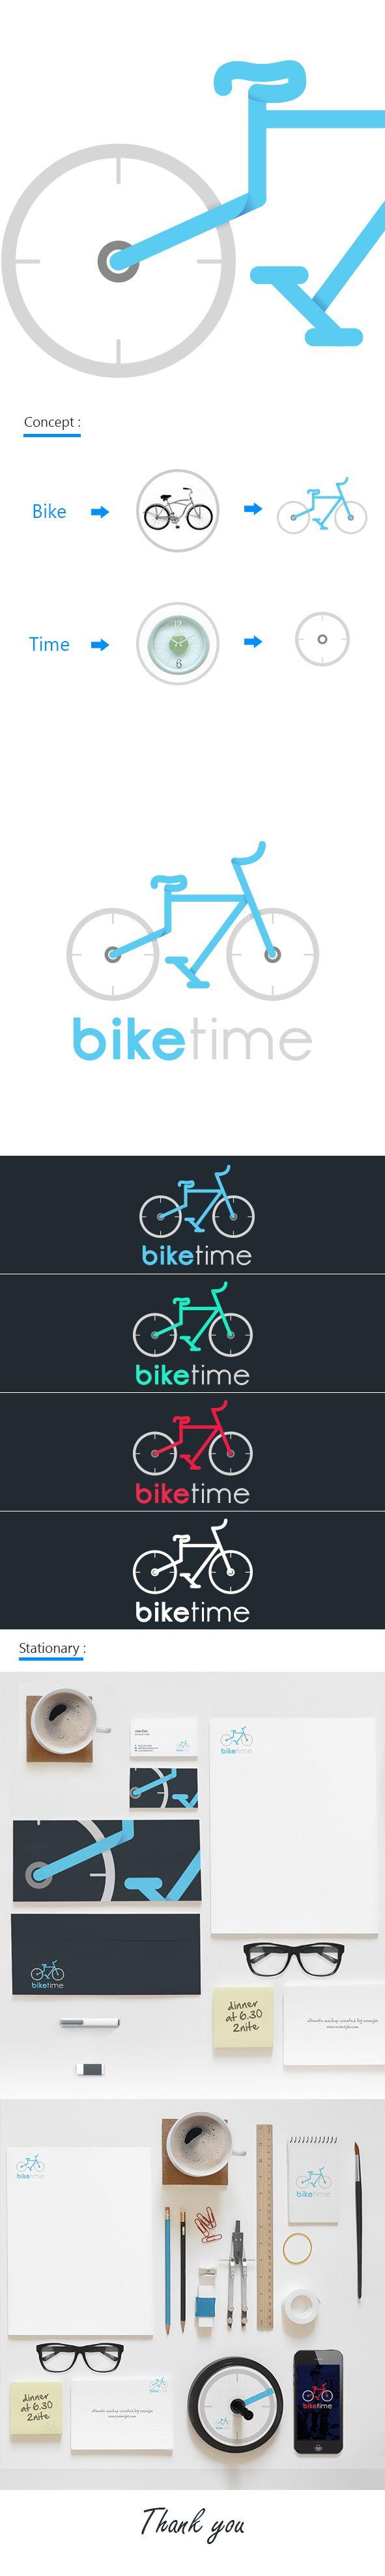 Ampoule laureen luhn design graphique - Biketime Logo On Behance